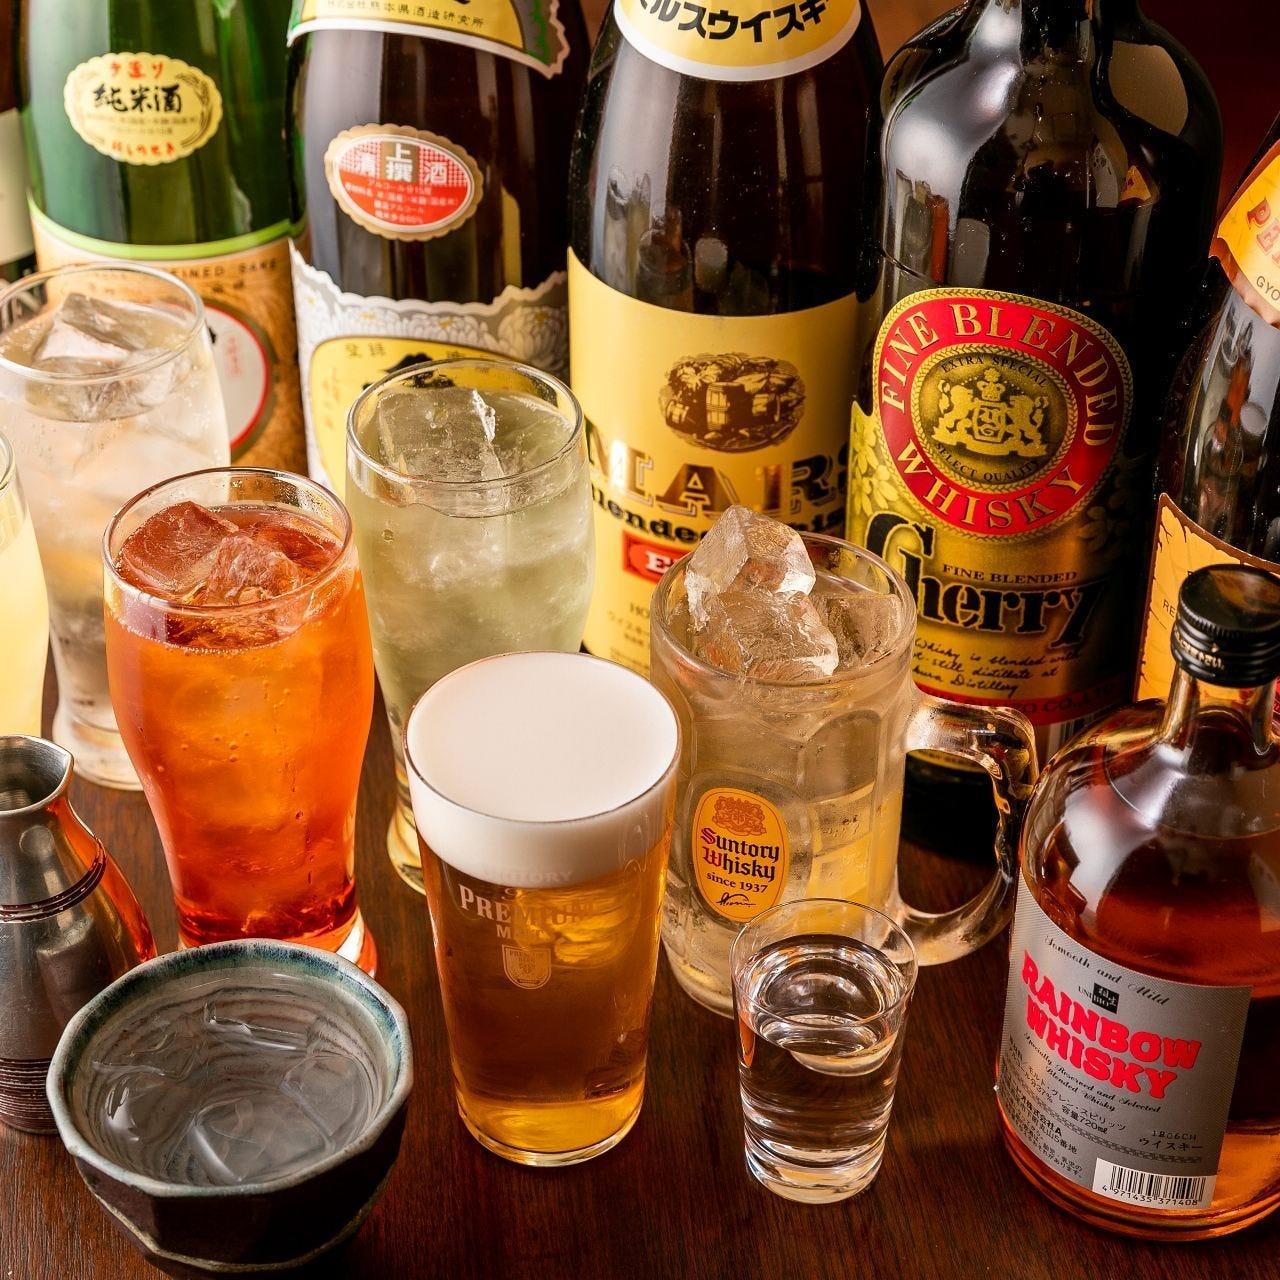 生樽の日本酒も楽しめる充実の飲み放題プランはコース限定